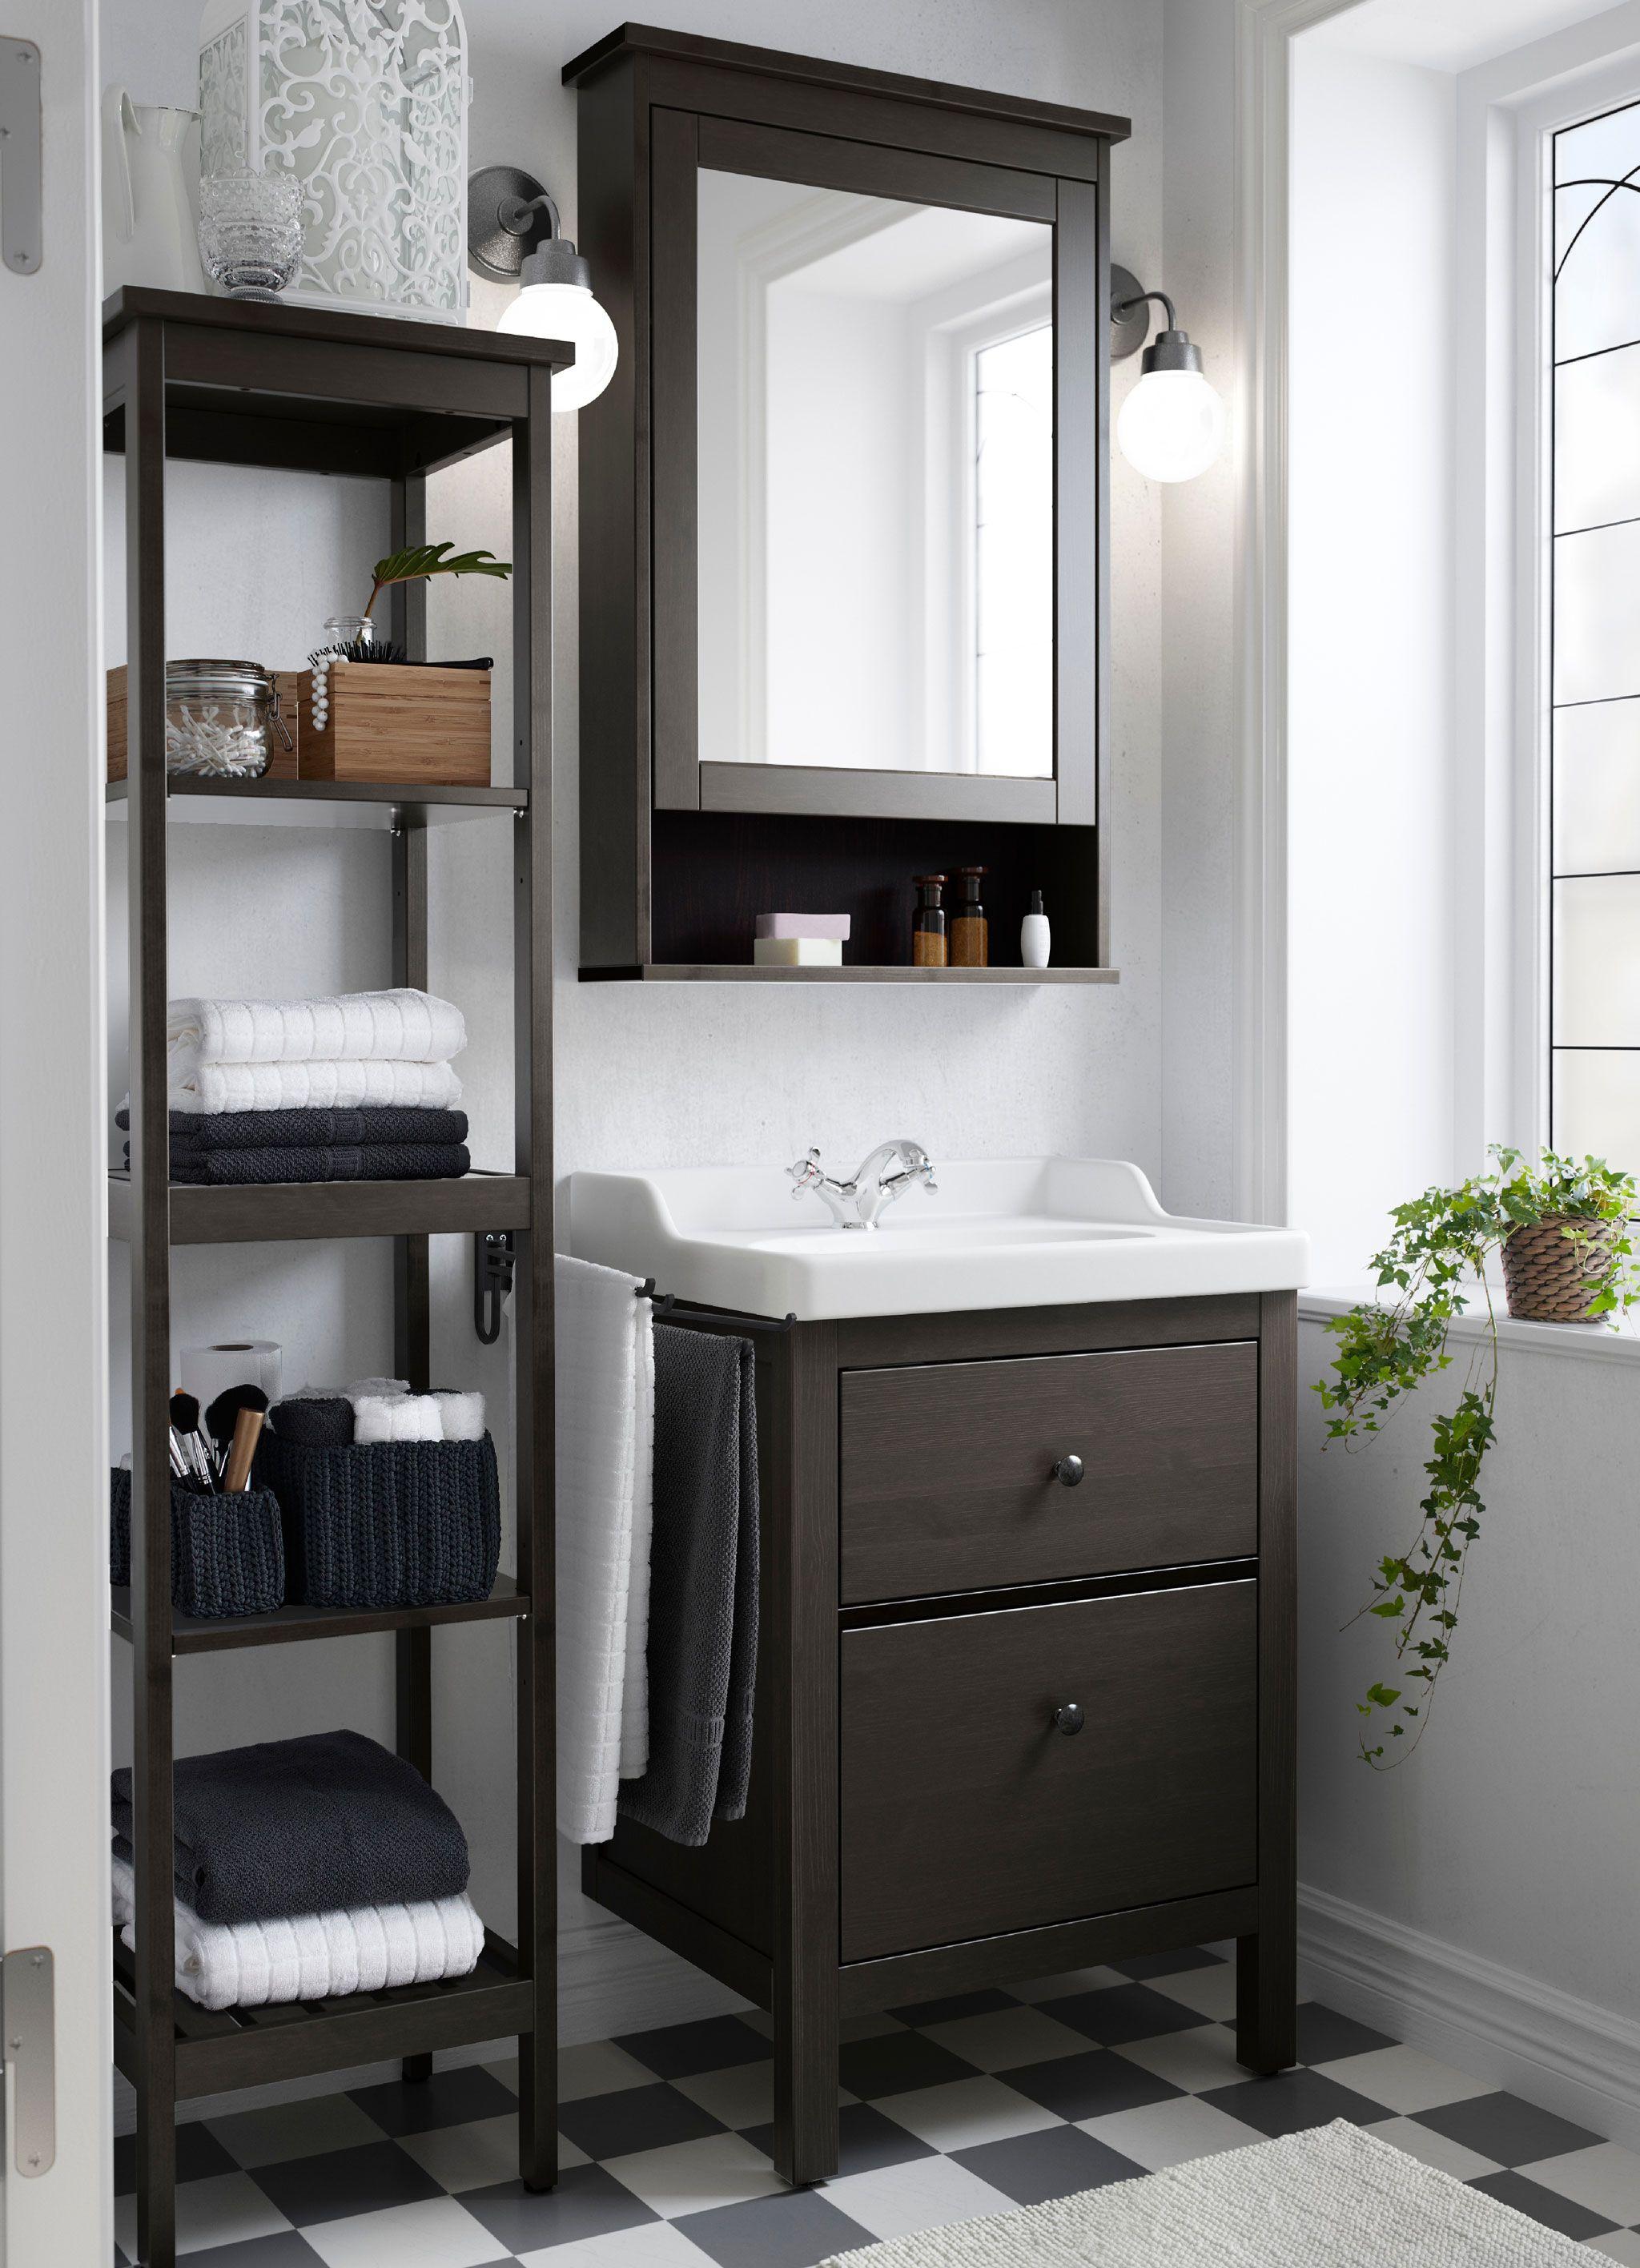 Badezimmer Regale Waschbeckenschrank Kleine Badezimmer Badezimmer Design